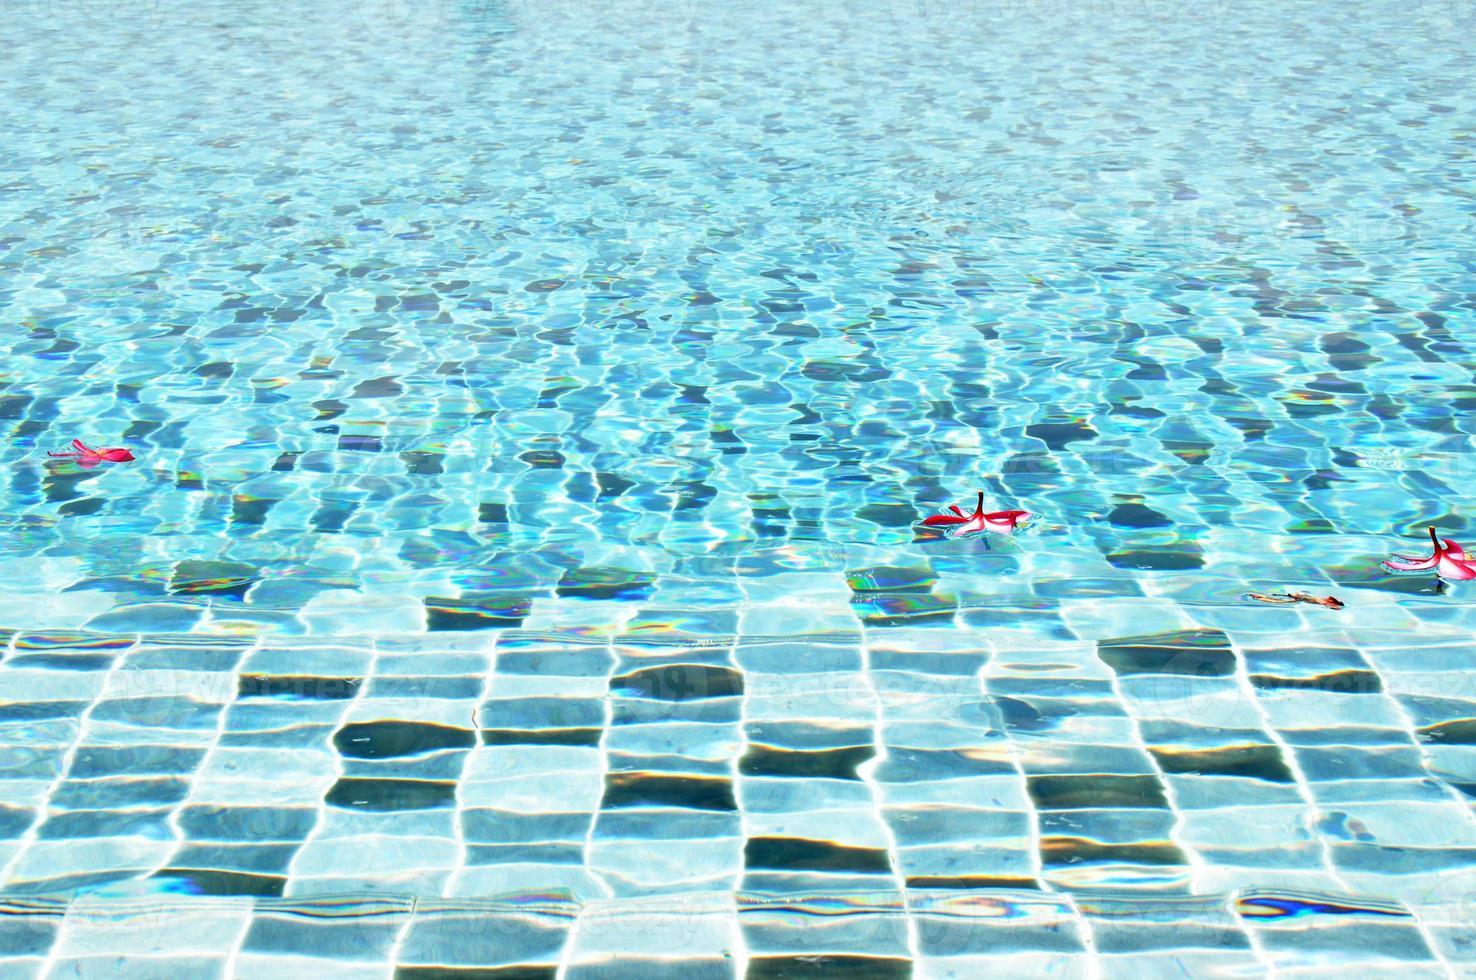 Wasser im blauen Schwimmbad foto